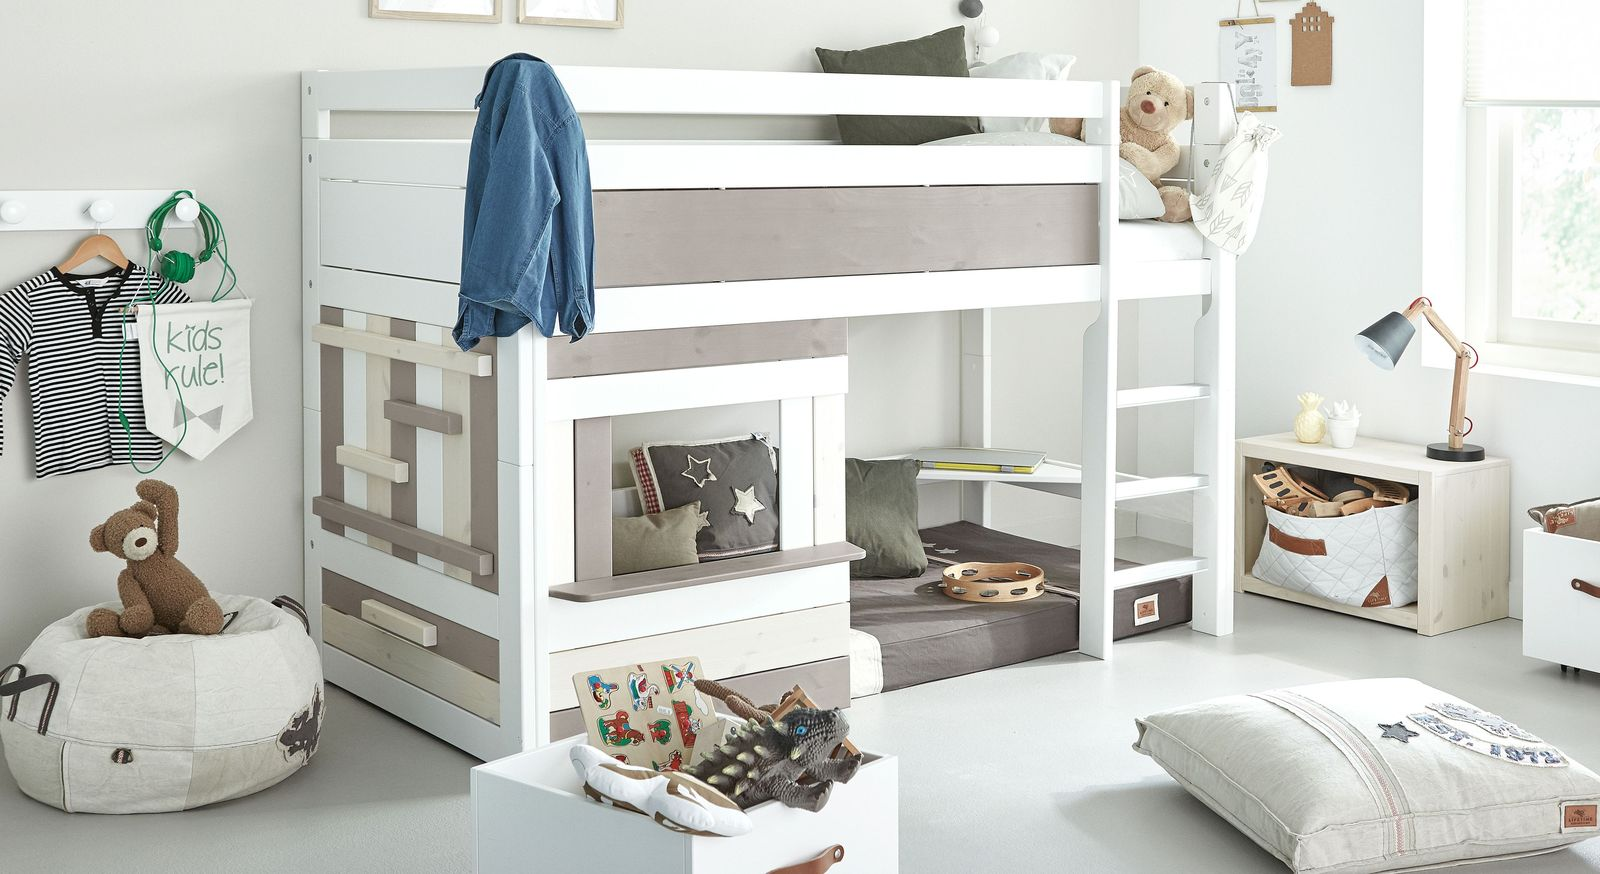 LIFETIME Midi-Hochbett Holzhütte mit gerader Leiter